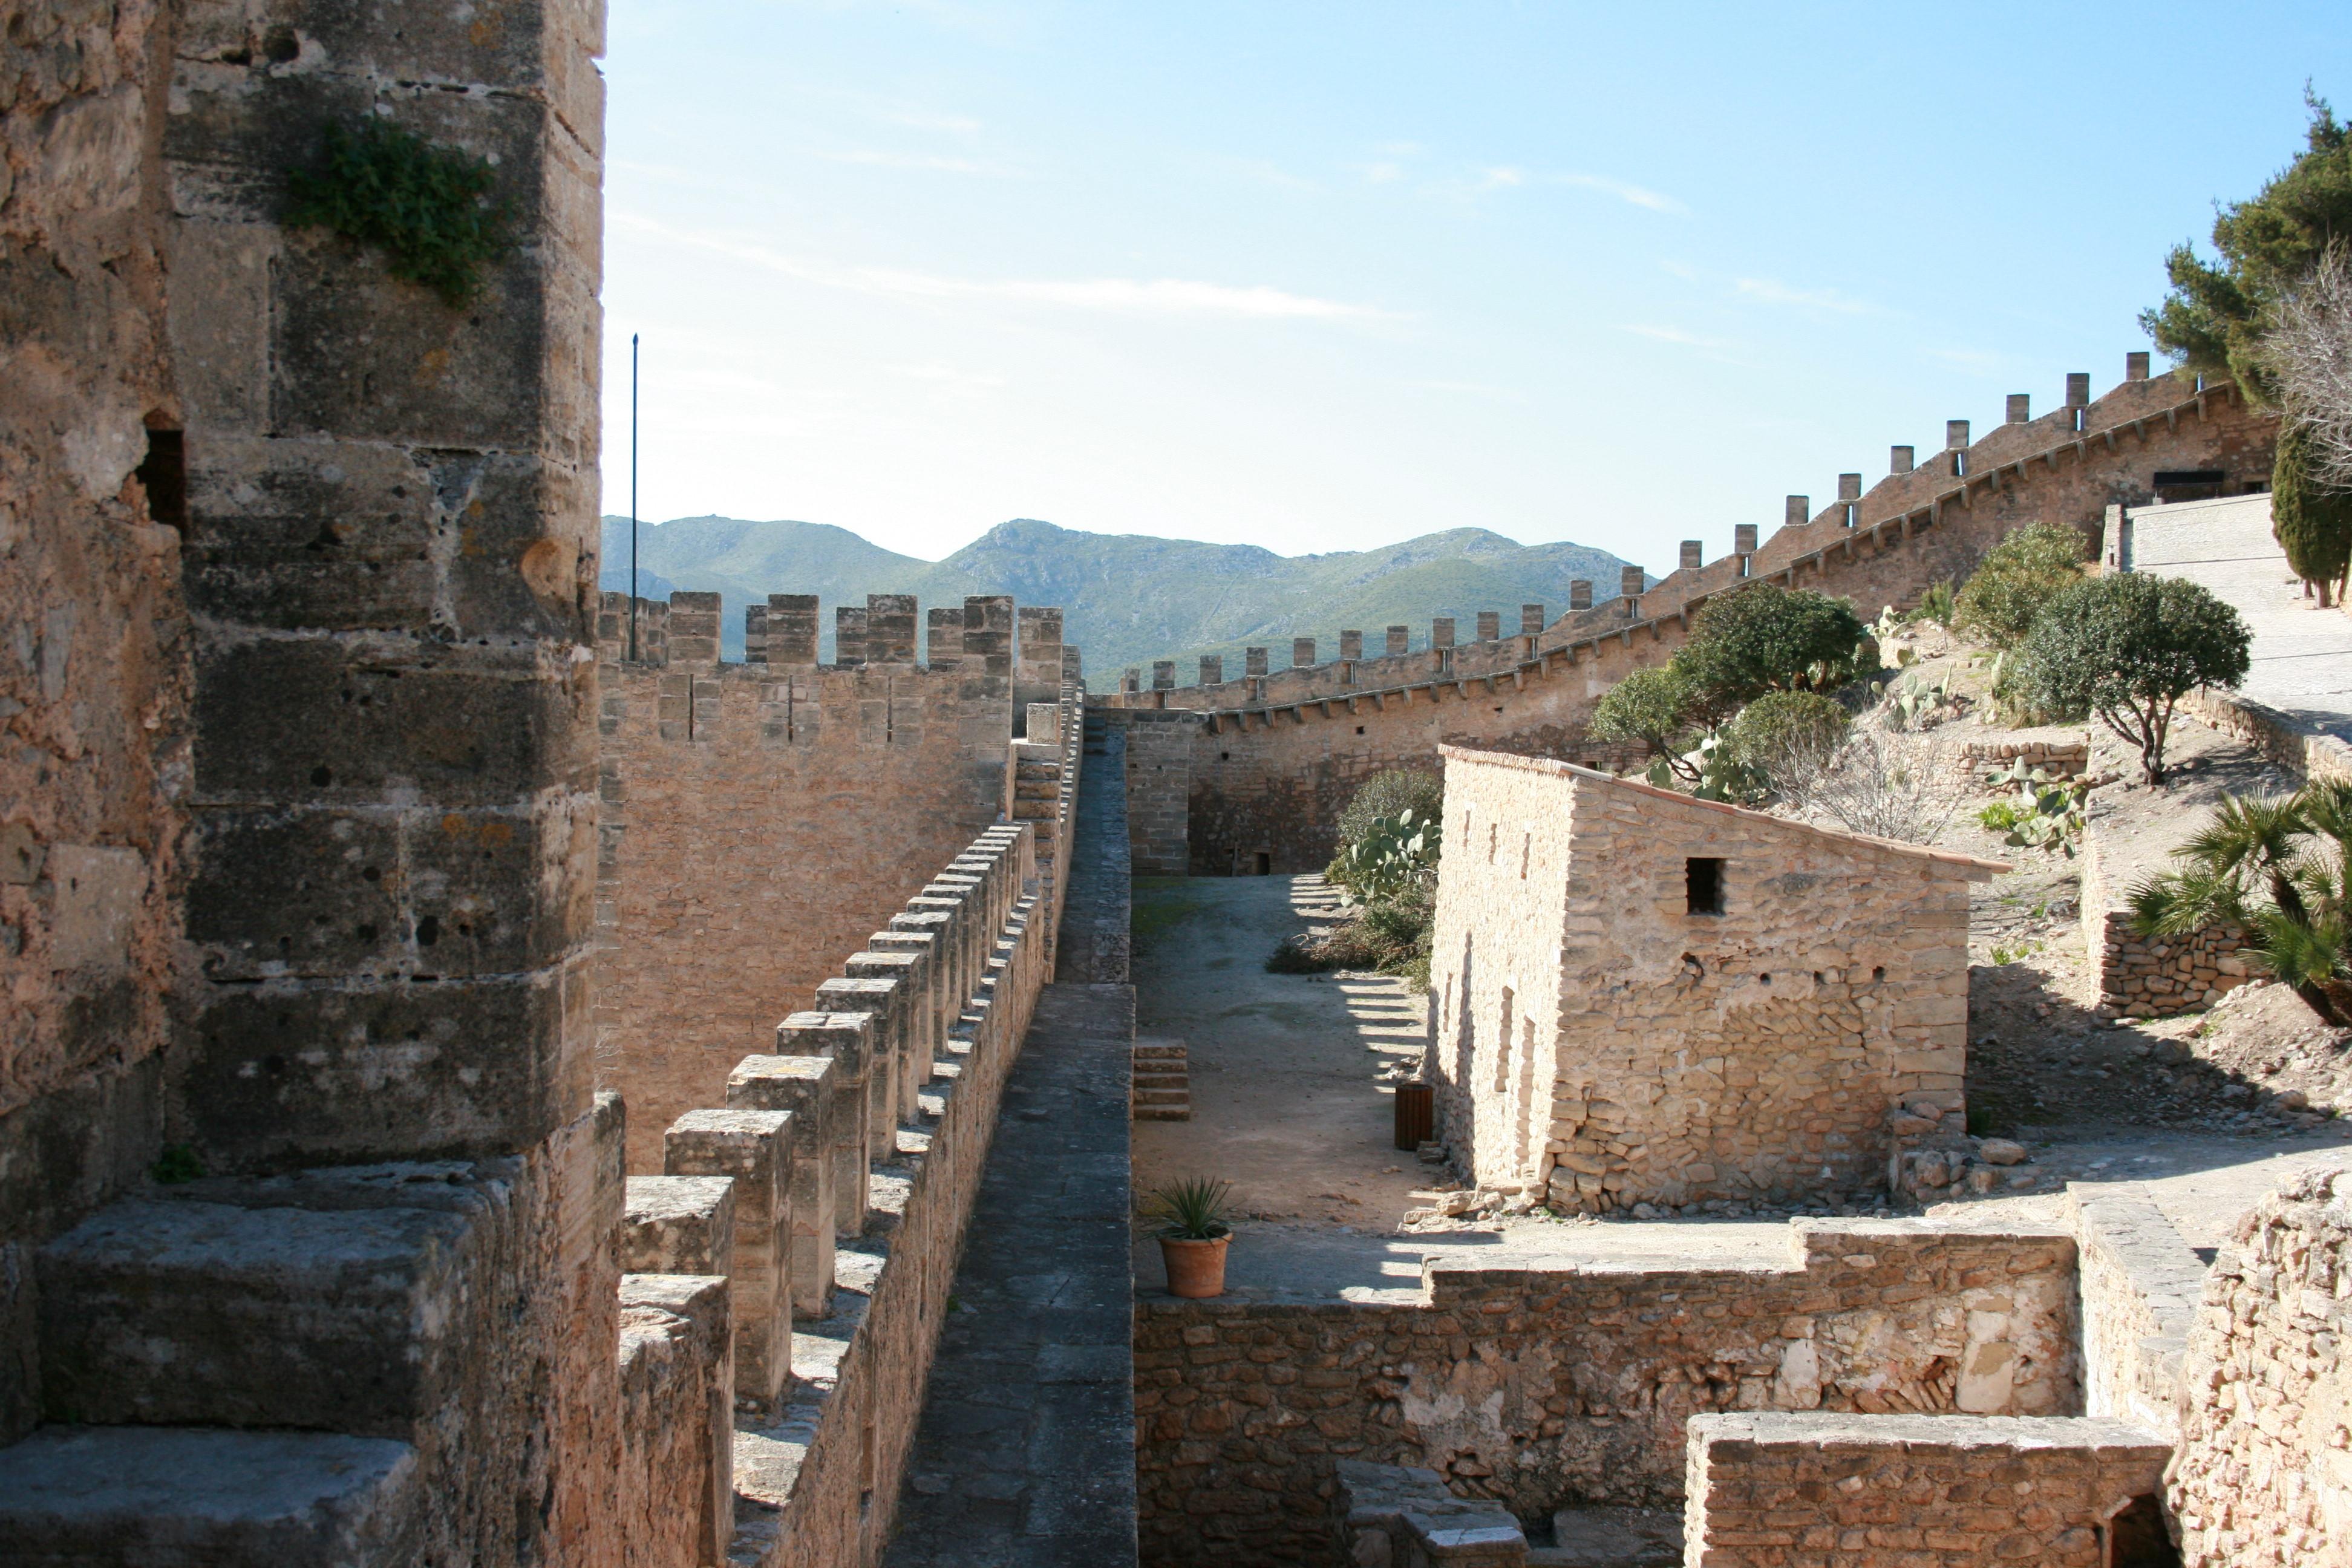 File:Capdepera - Castell de Capdepera 05 ies.jpg